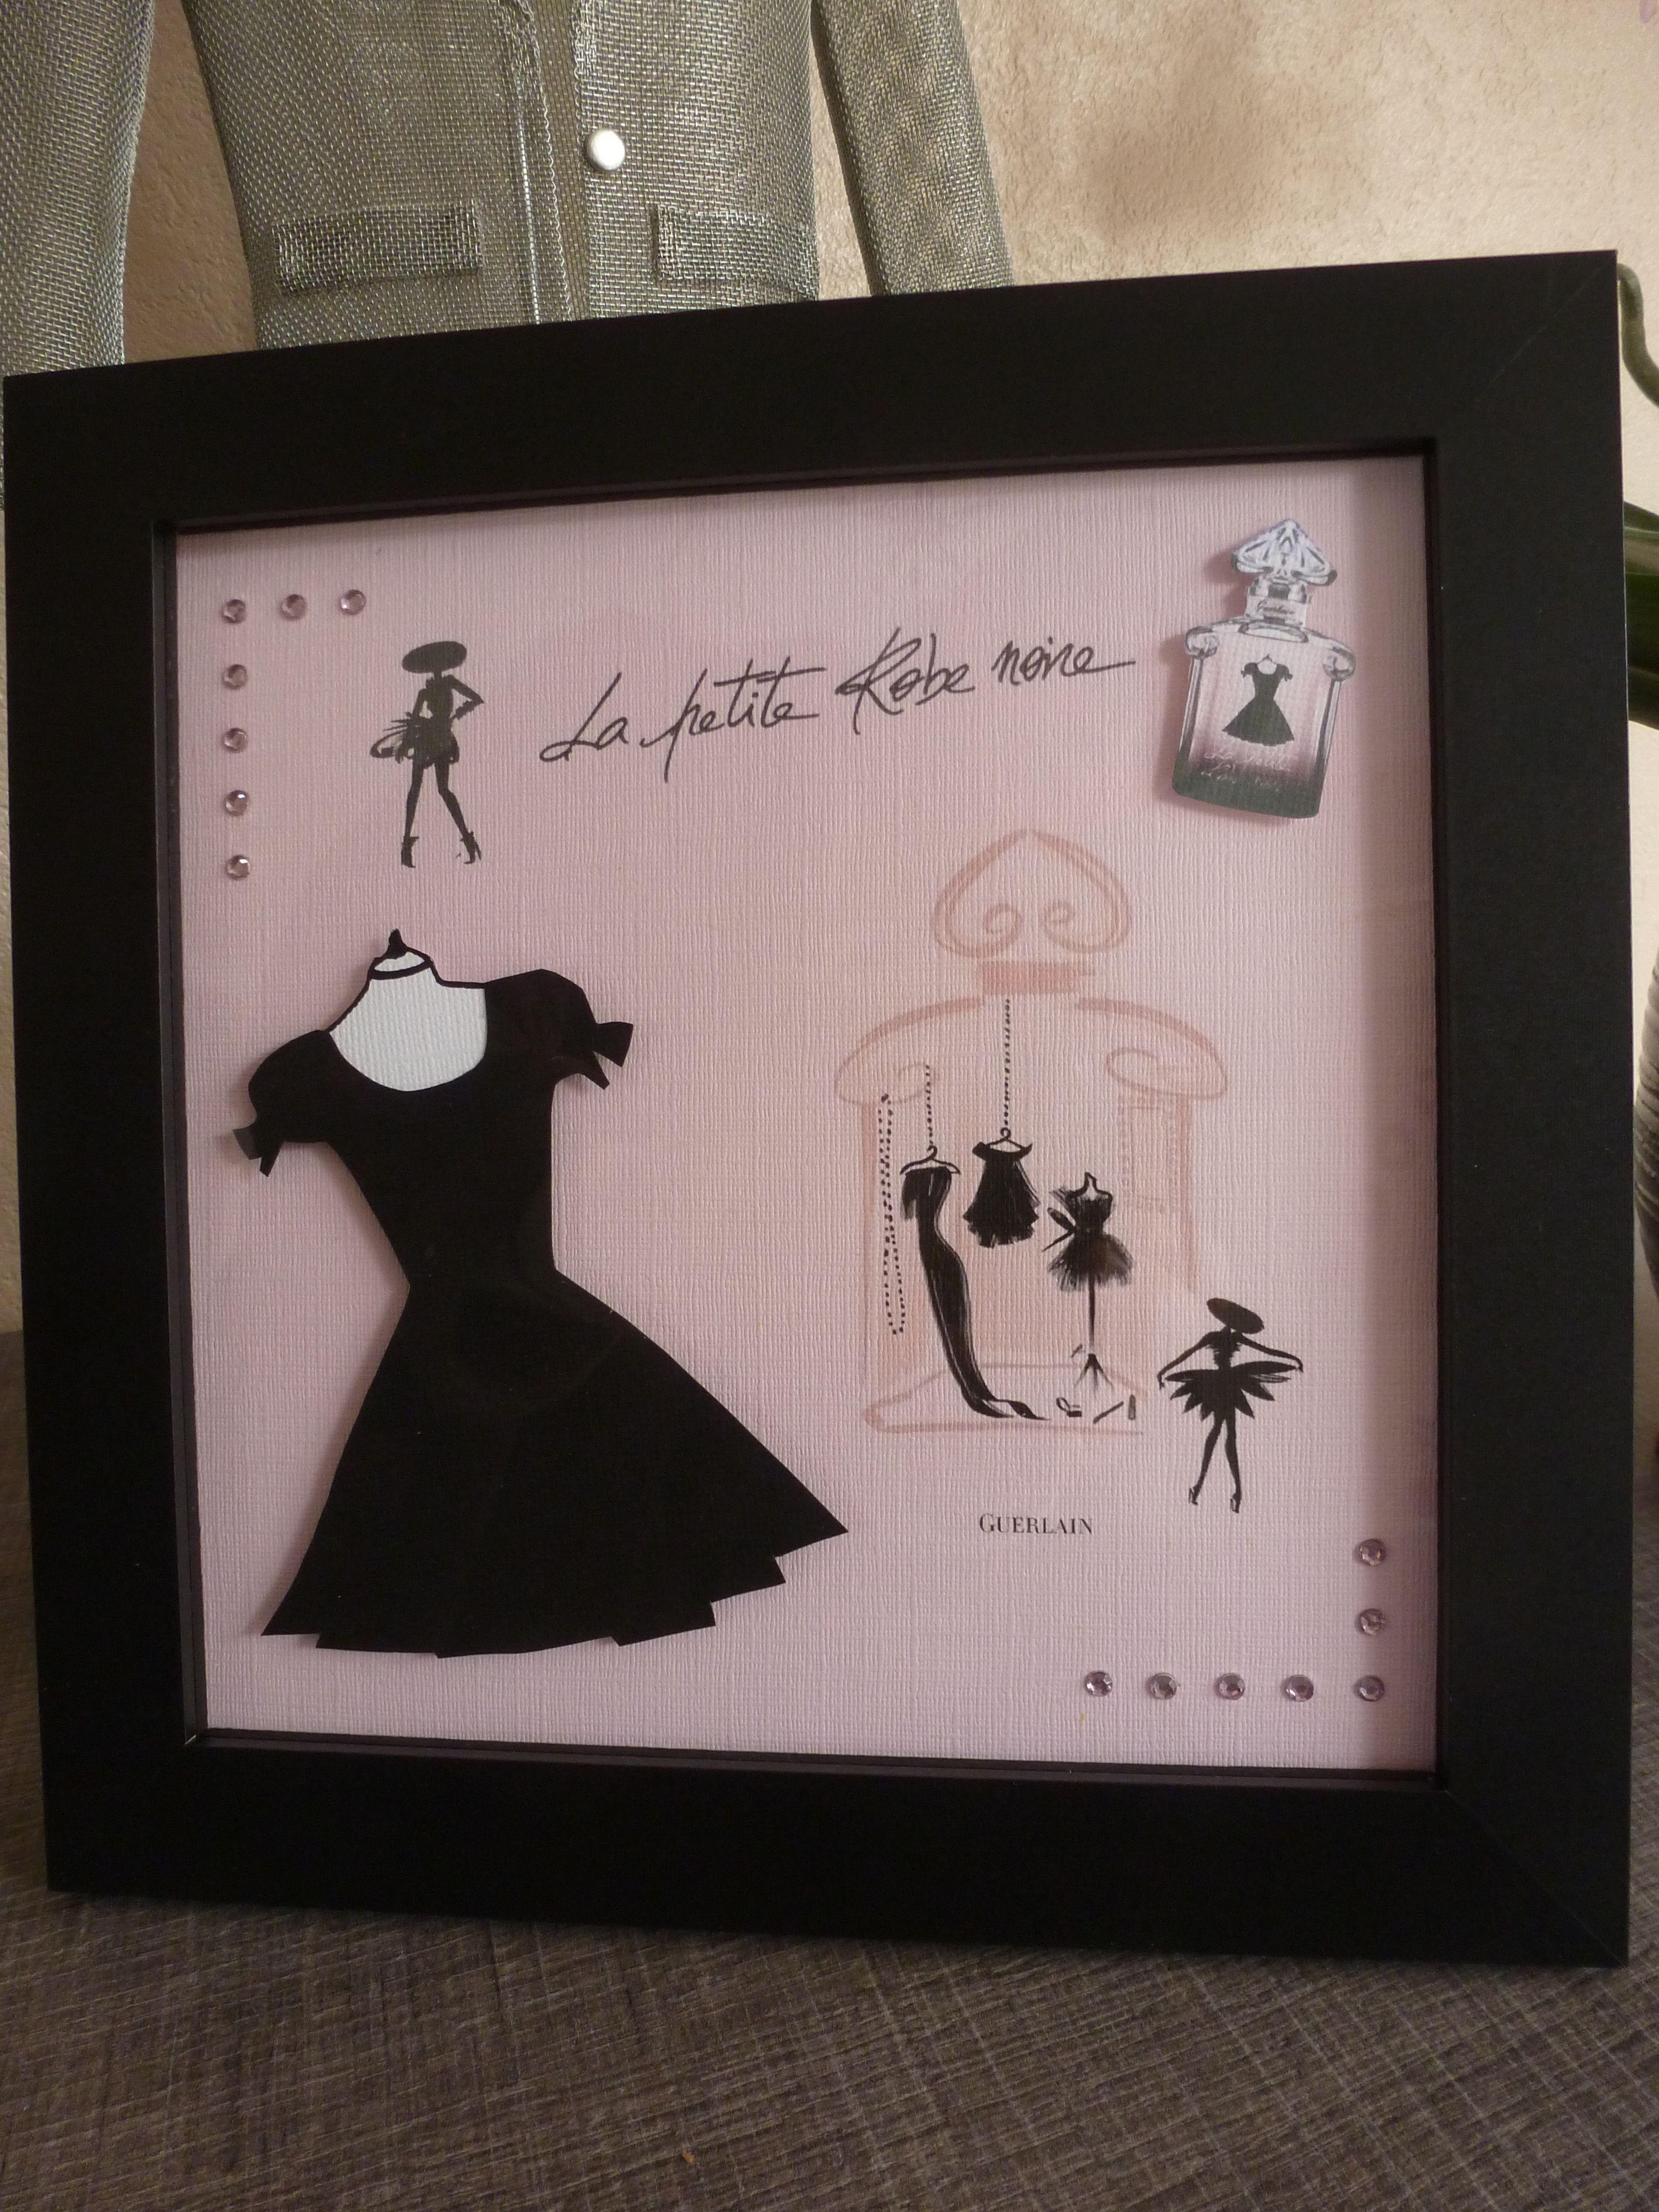 la petite robe noire de guerlain carte 3d format 20x20 mise sous cadre punto cruz vestidos y. Black Bedroom Furniture Sets. Home Design Ideas